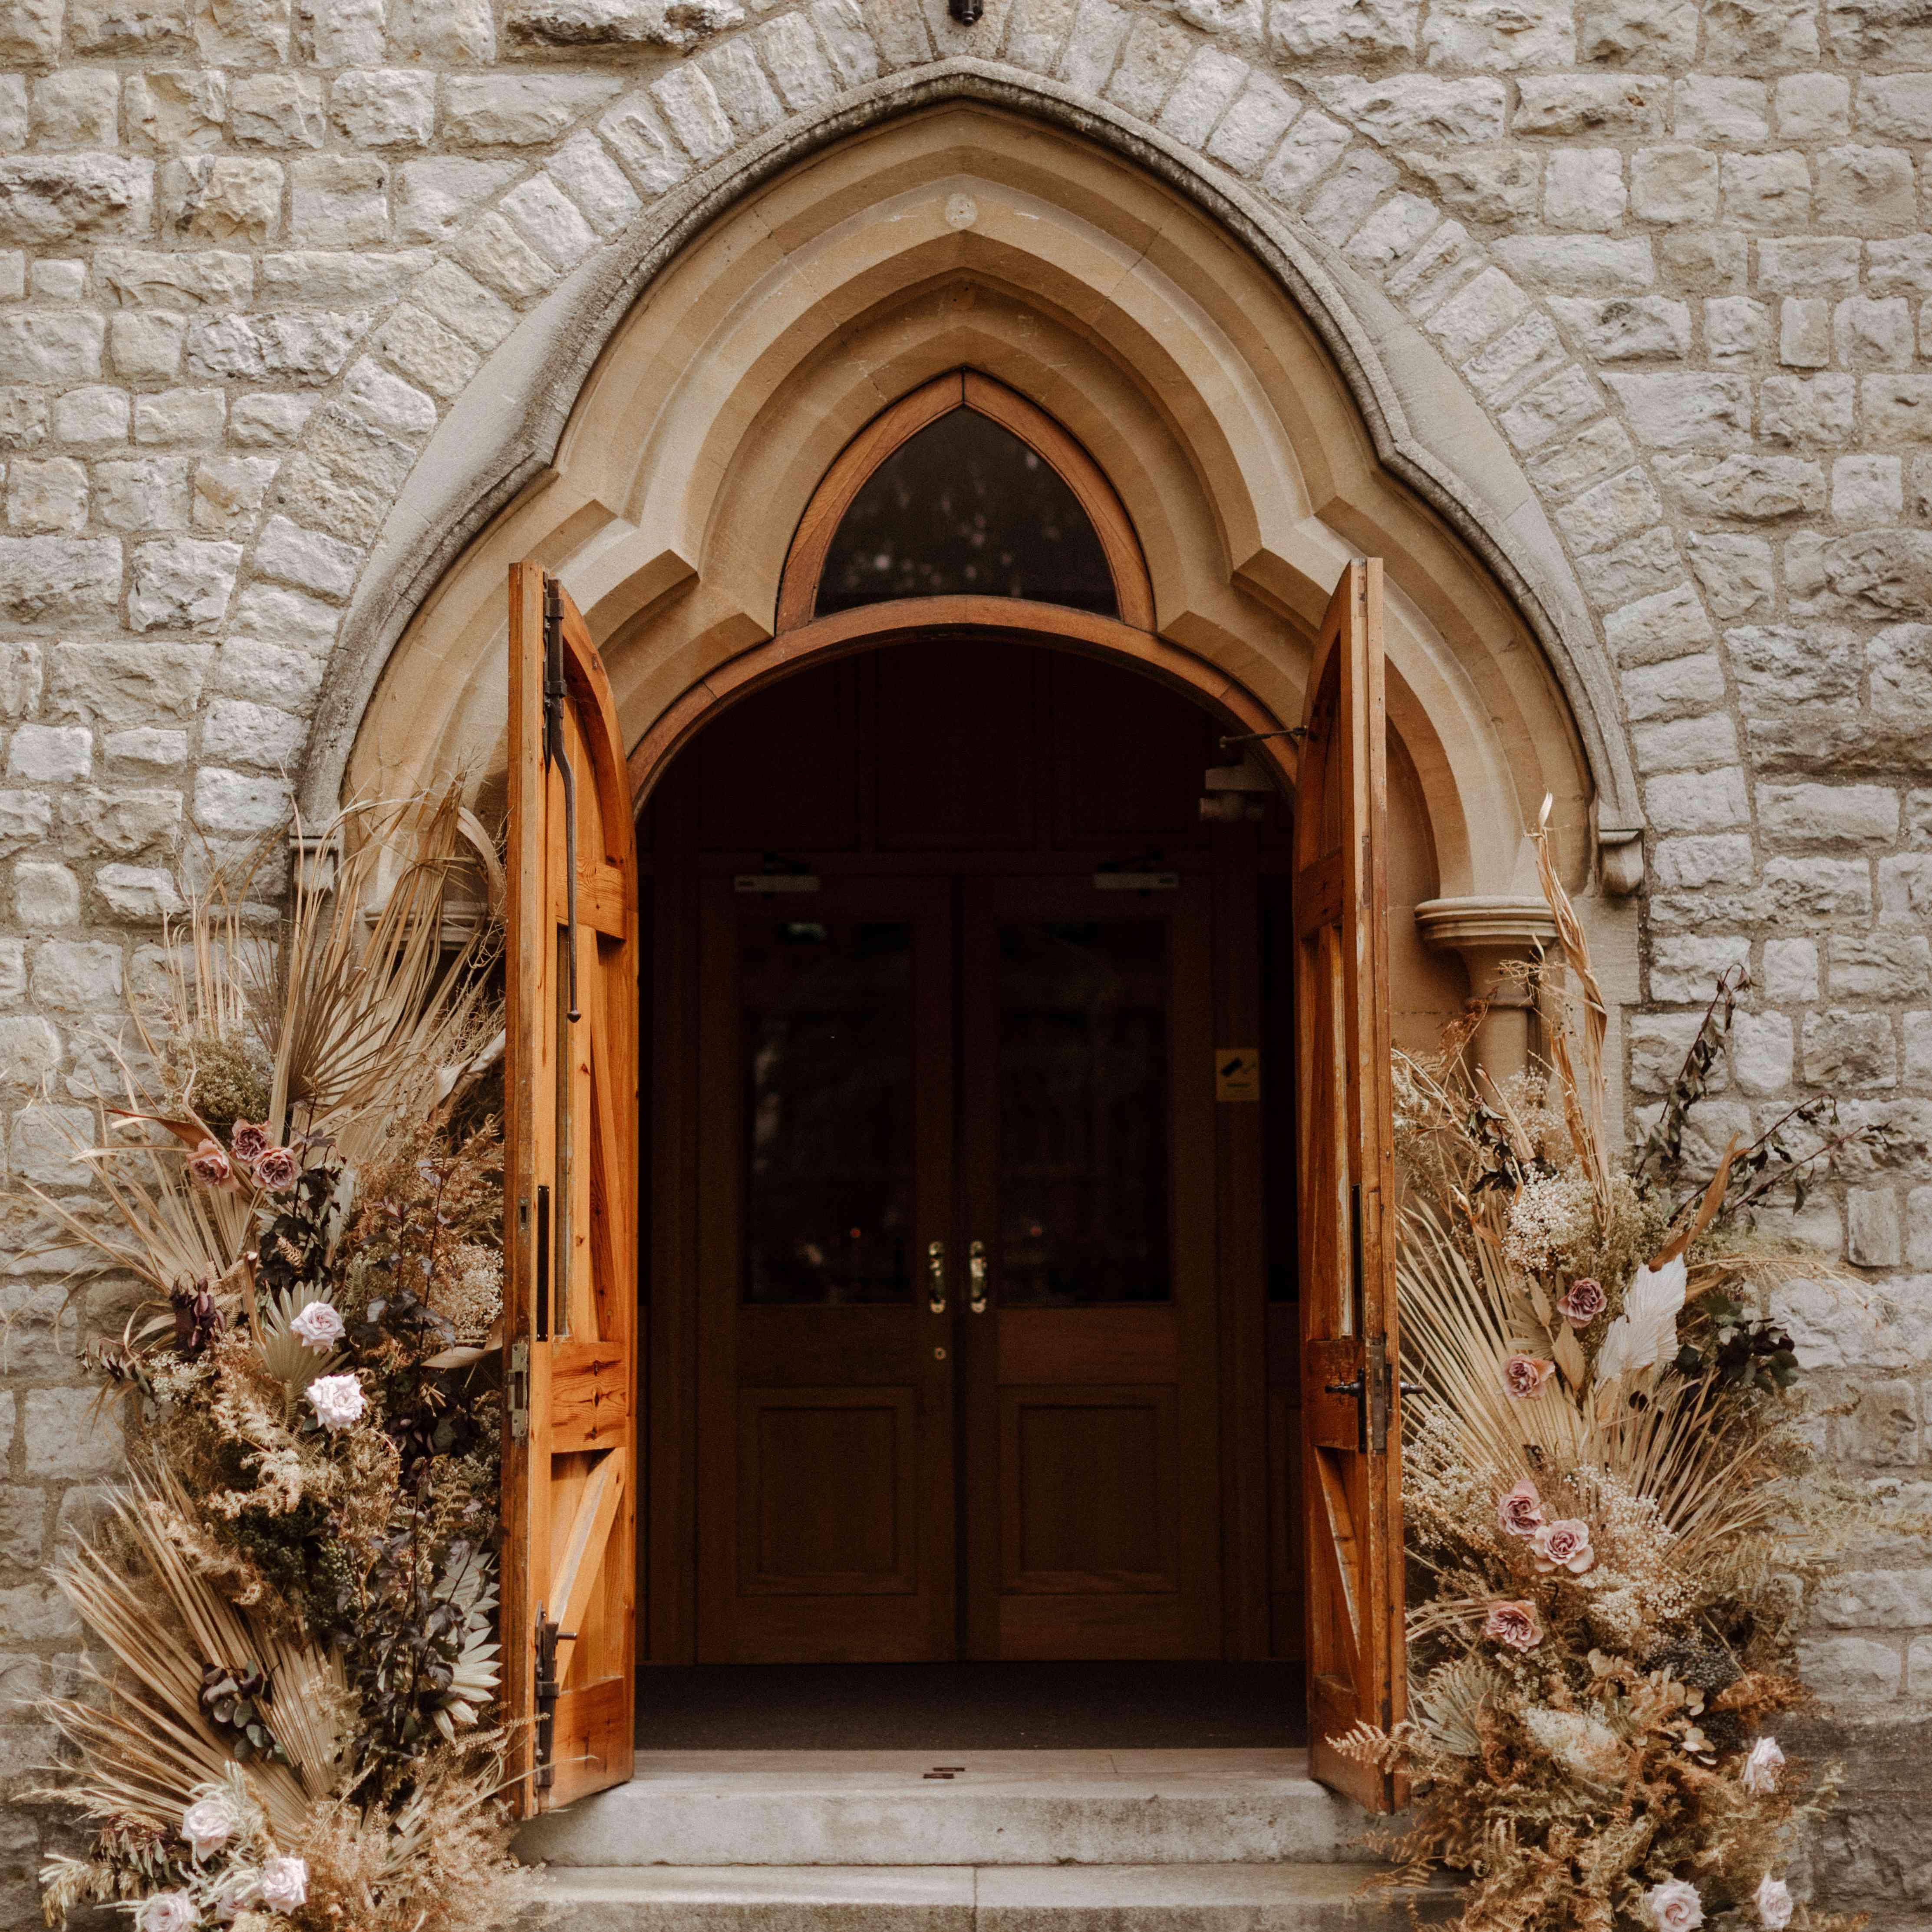 Church door with florals